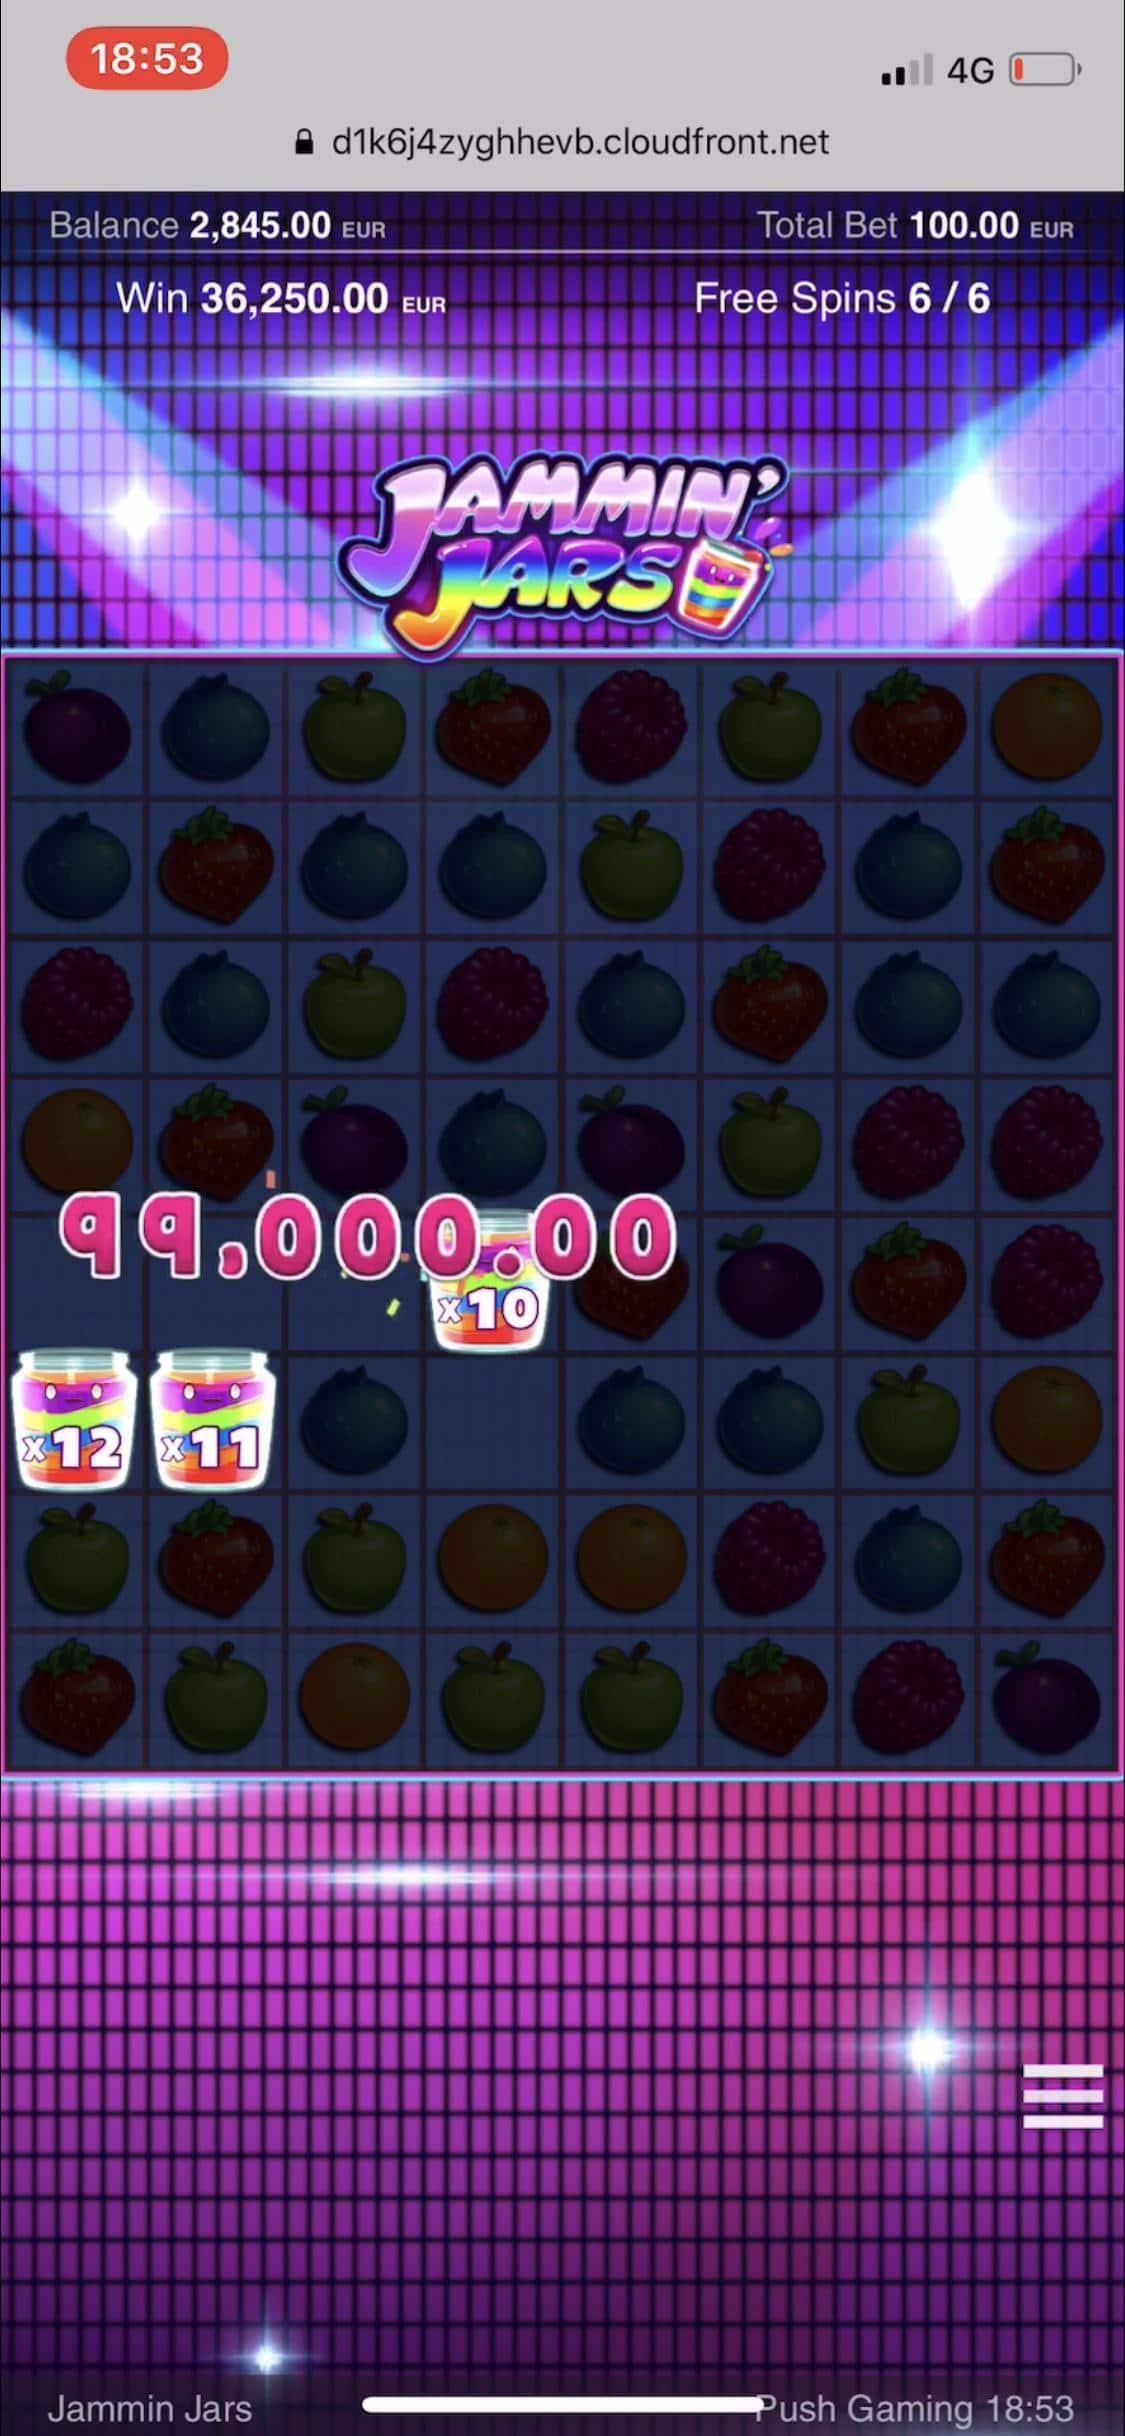 Jammin Jars Push Gaming Big Win picture